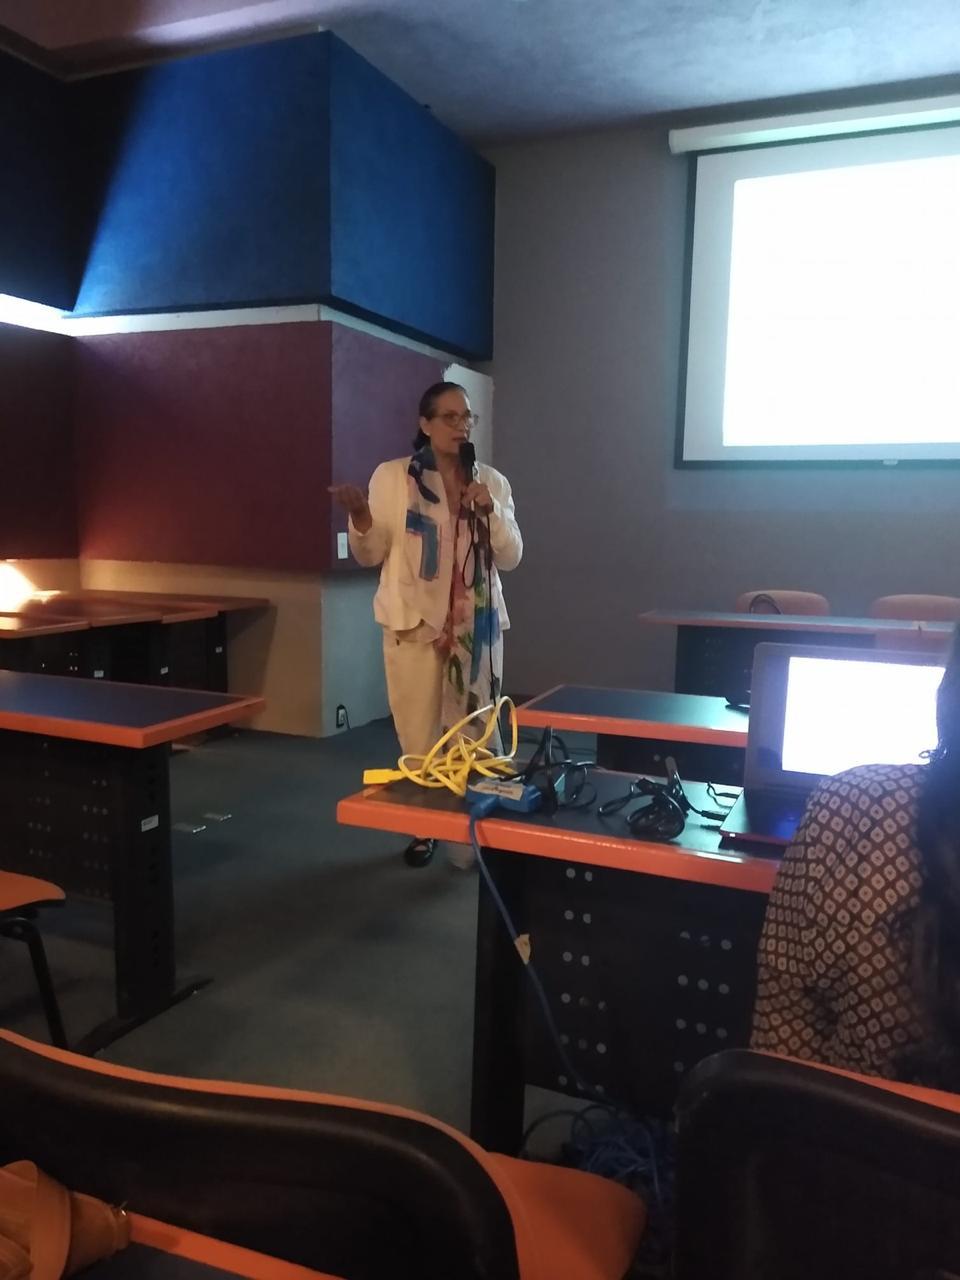 Conferencista al micrófono, detrás una diapositiva